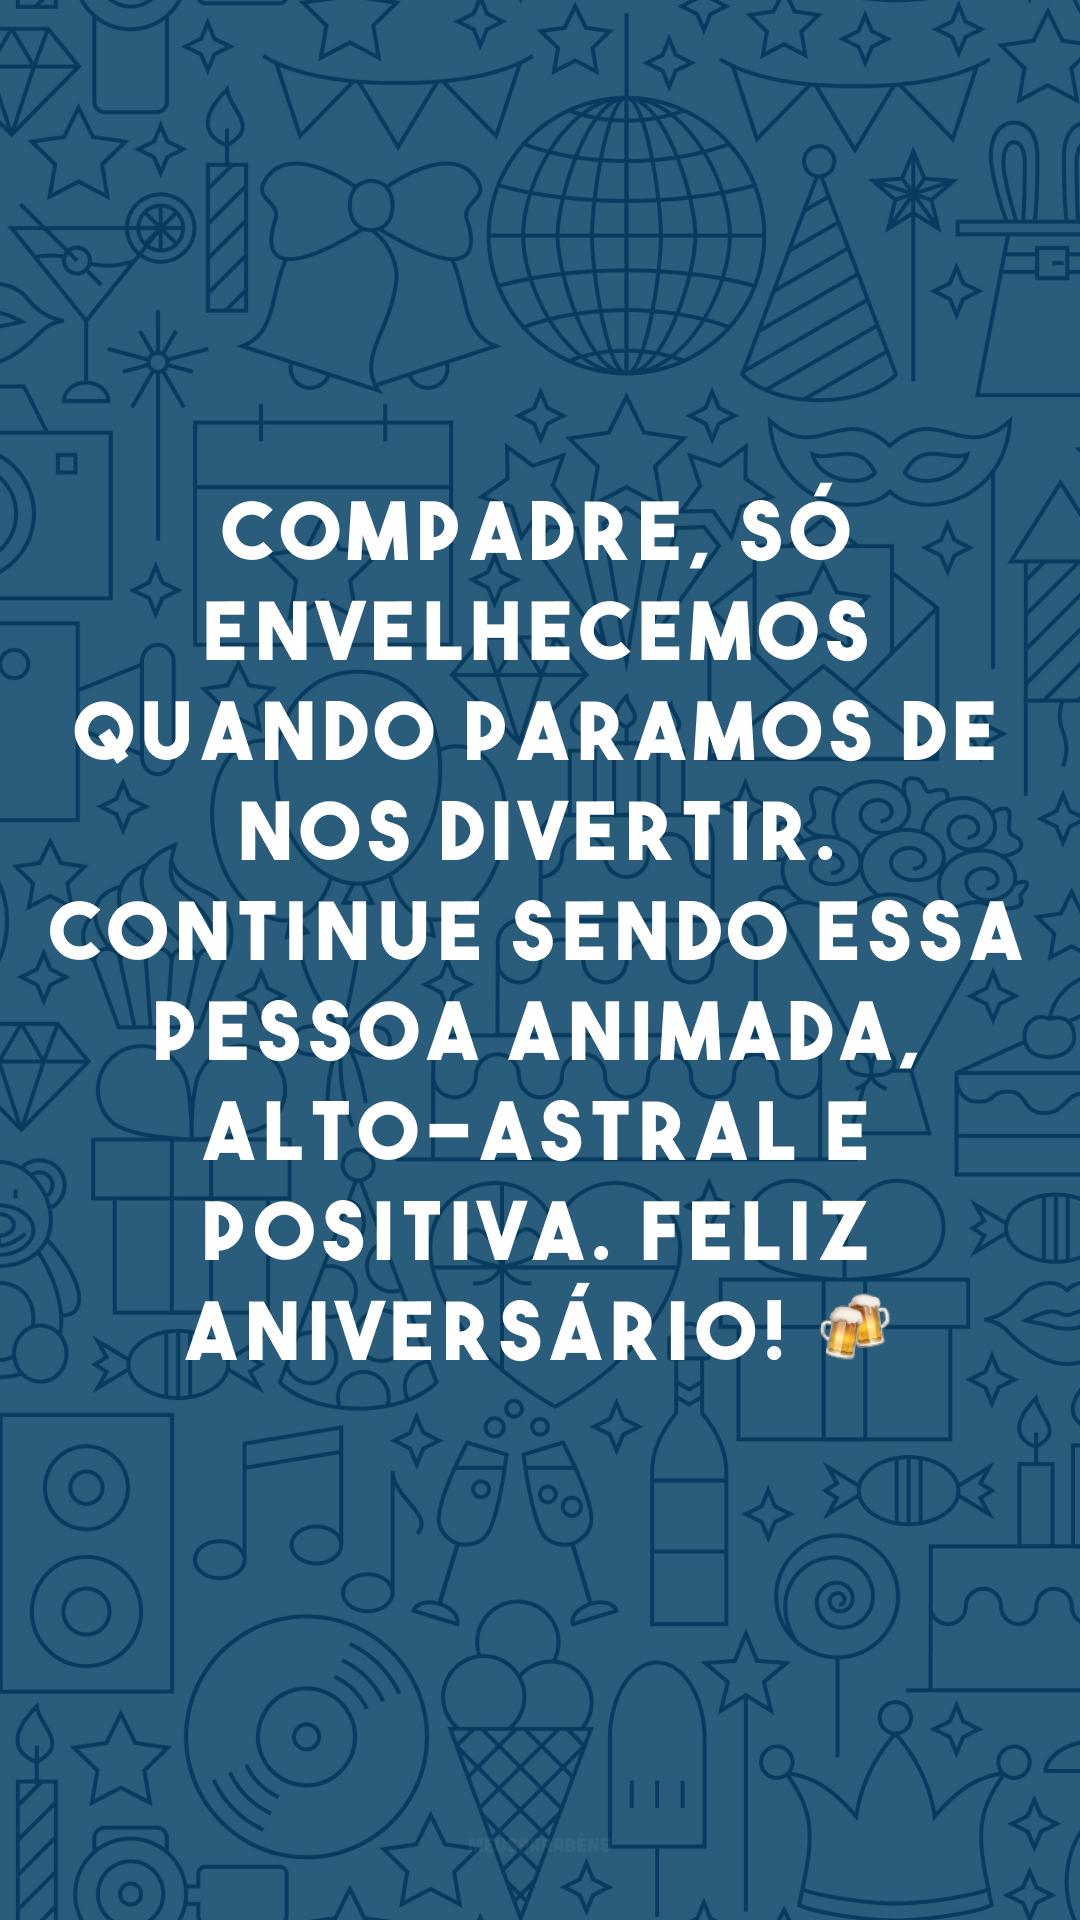 Compadre, só envelhecemos quando paramos de nos divertir. Continue sendo essa pessoa animada, alto-astral e positiva. Feliz aniversário! 🍻